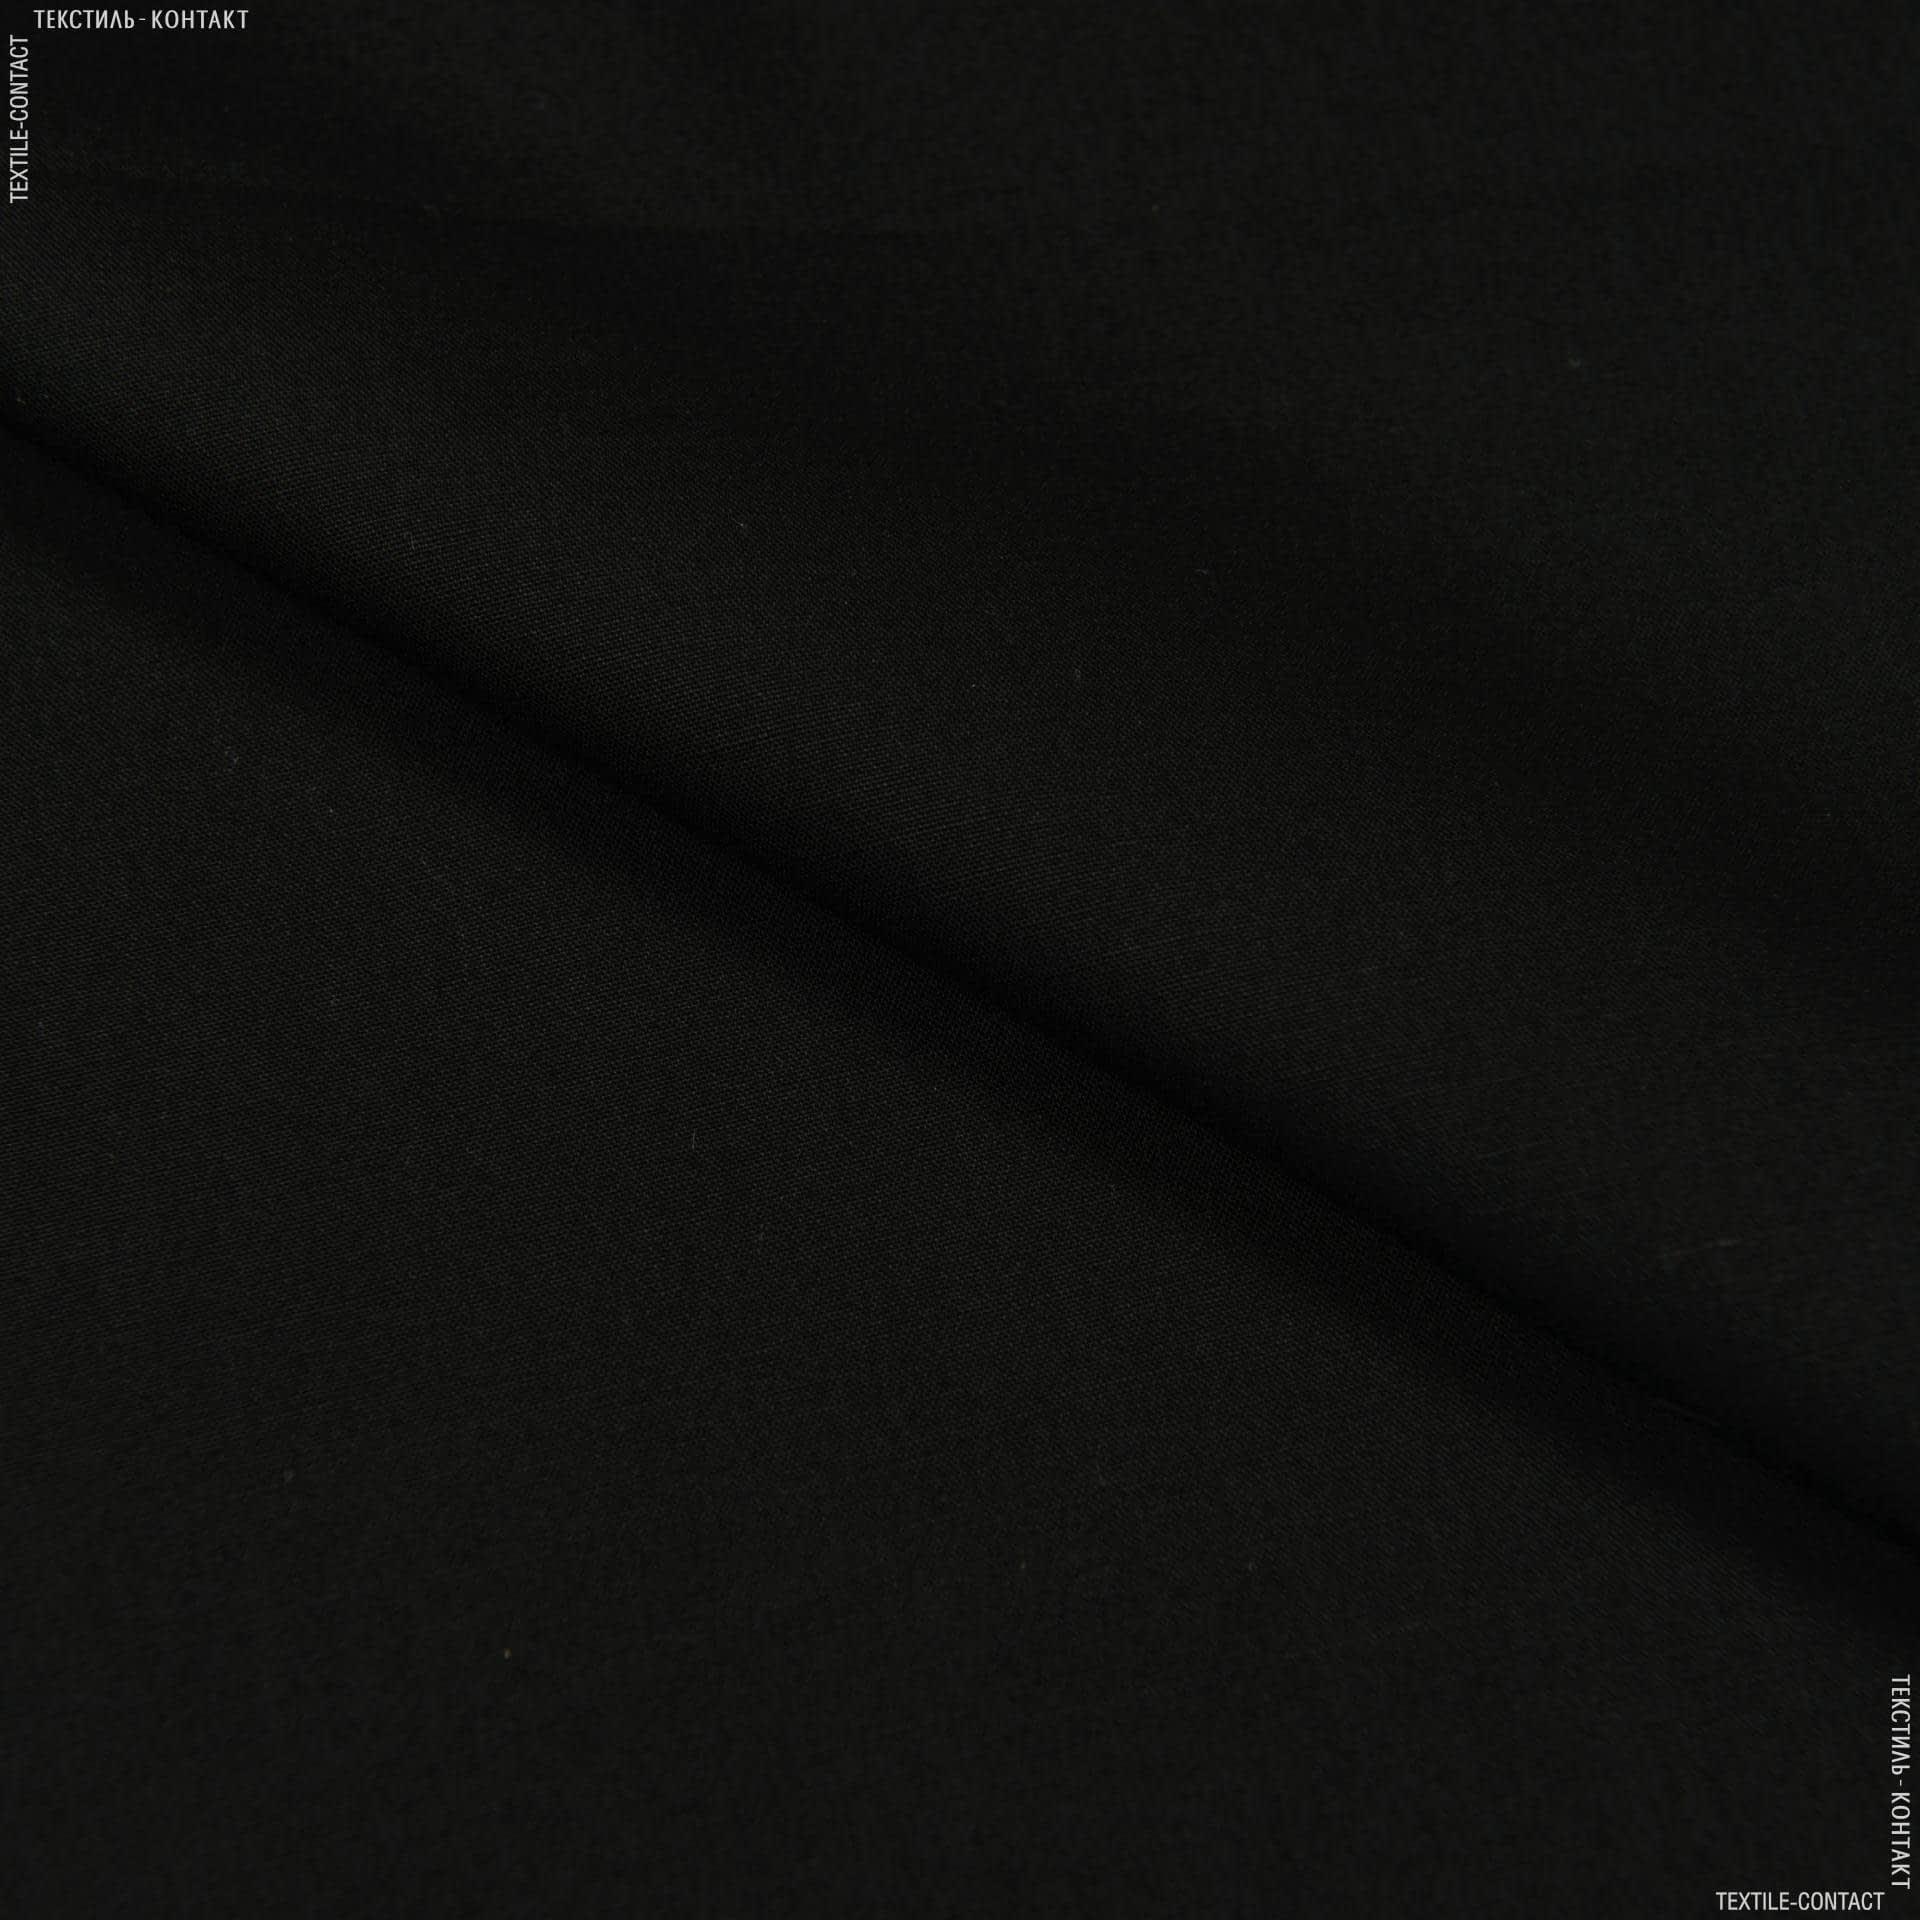 Ткани церковная ткань - Сорочечная черный